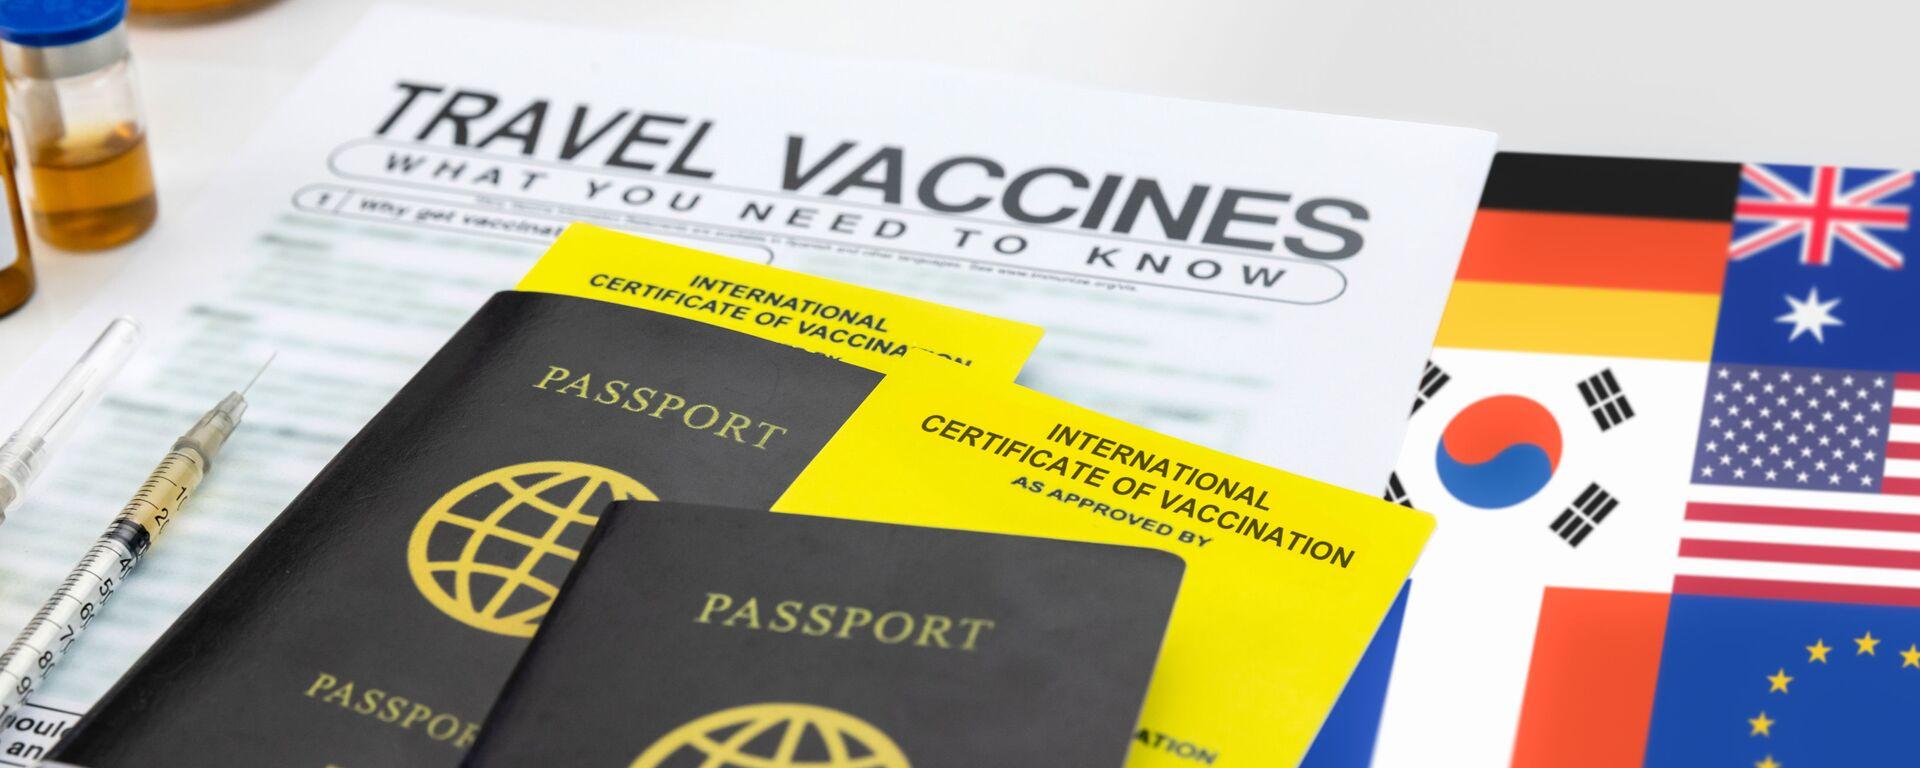 Očkovací pasy pro mezinárodní cestování - Sputnik Česká republika, 1920, 04.07.2021